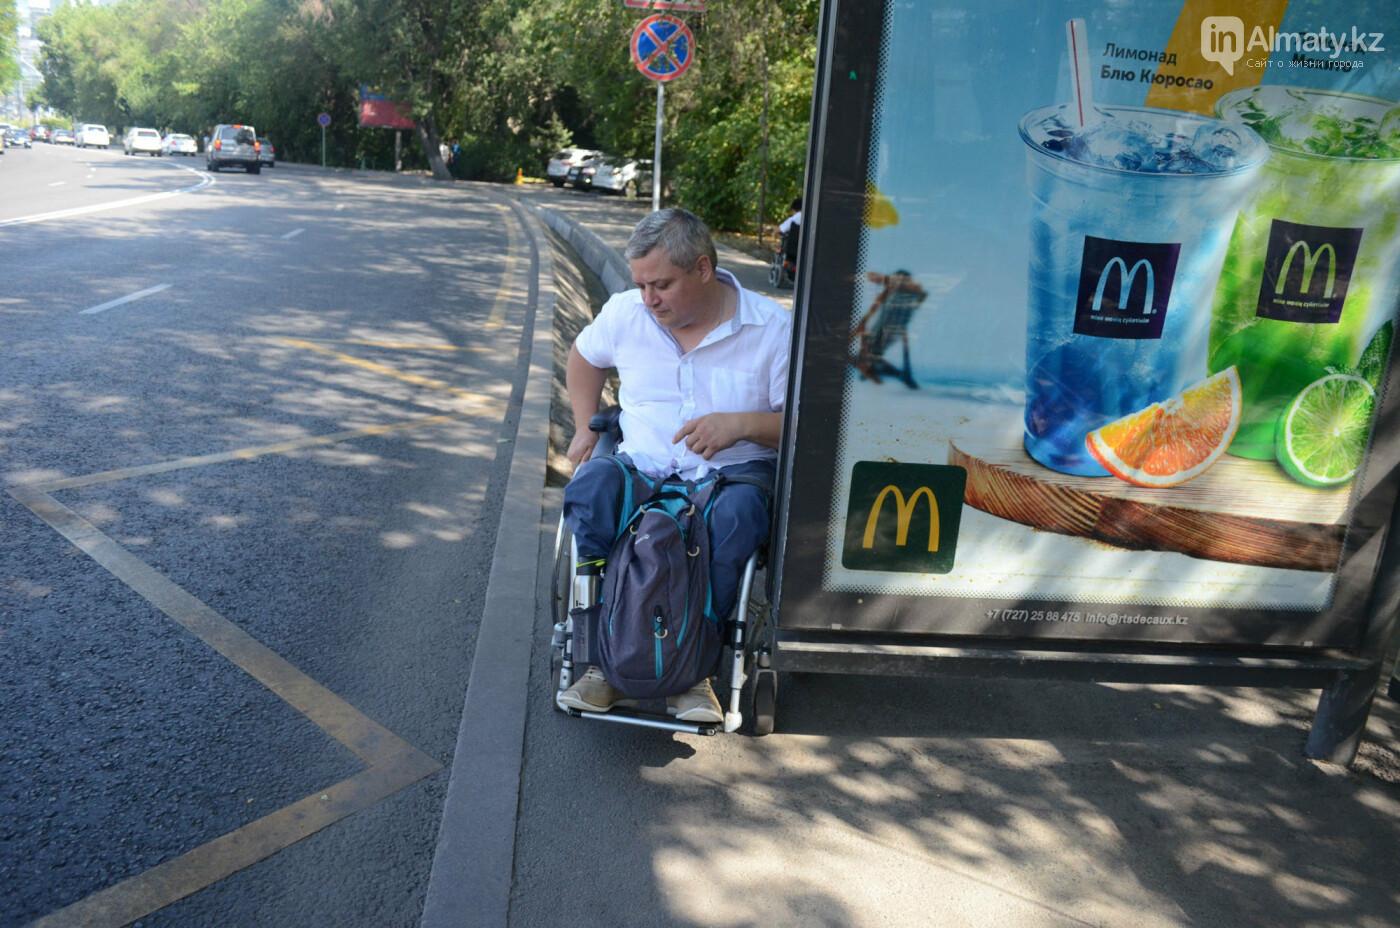 Недоступная среда: Почему реконструированная пешеходная зона по Назарбаева неудобна для инвалидов, фото-2